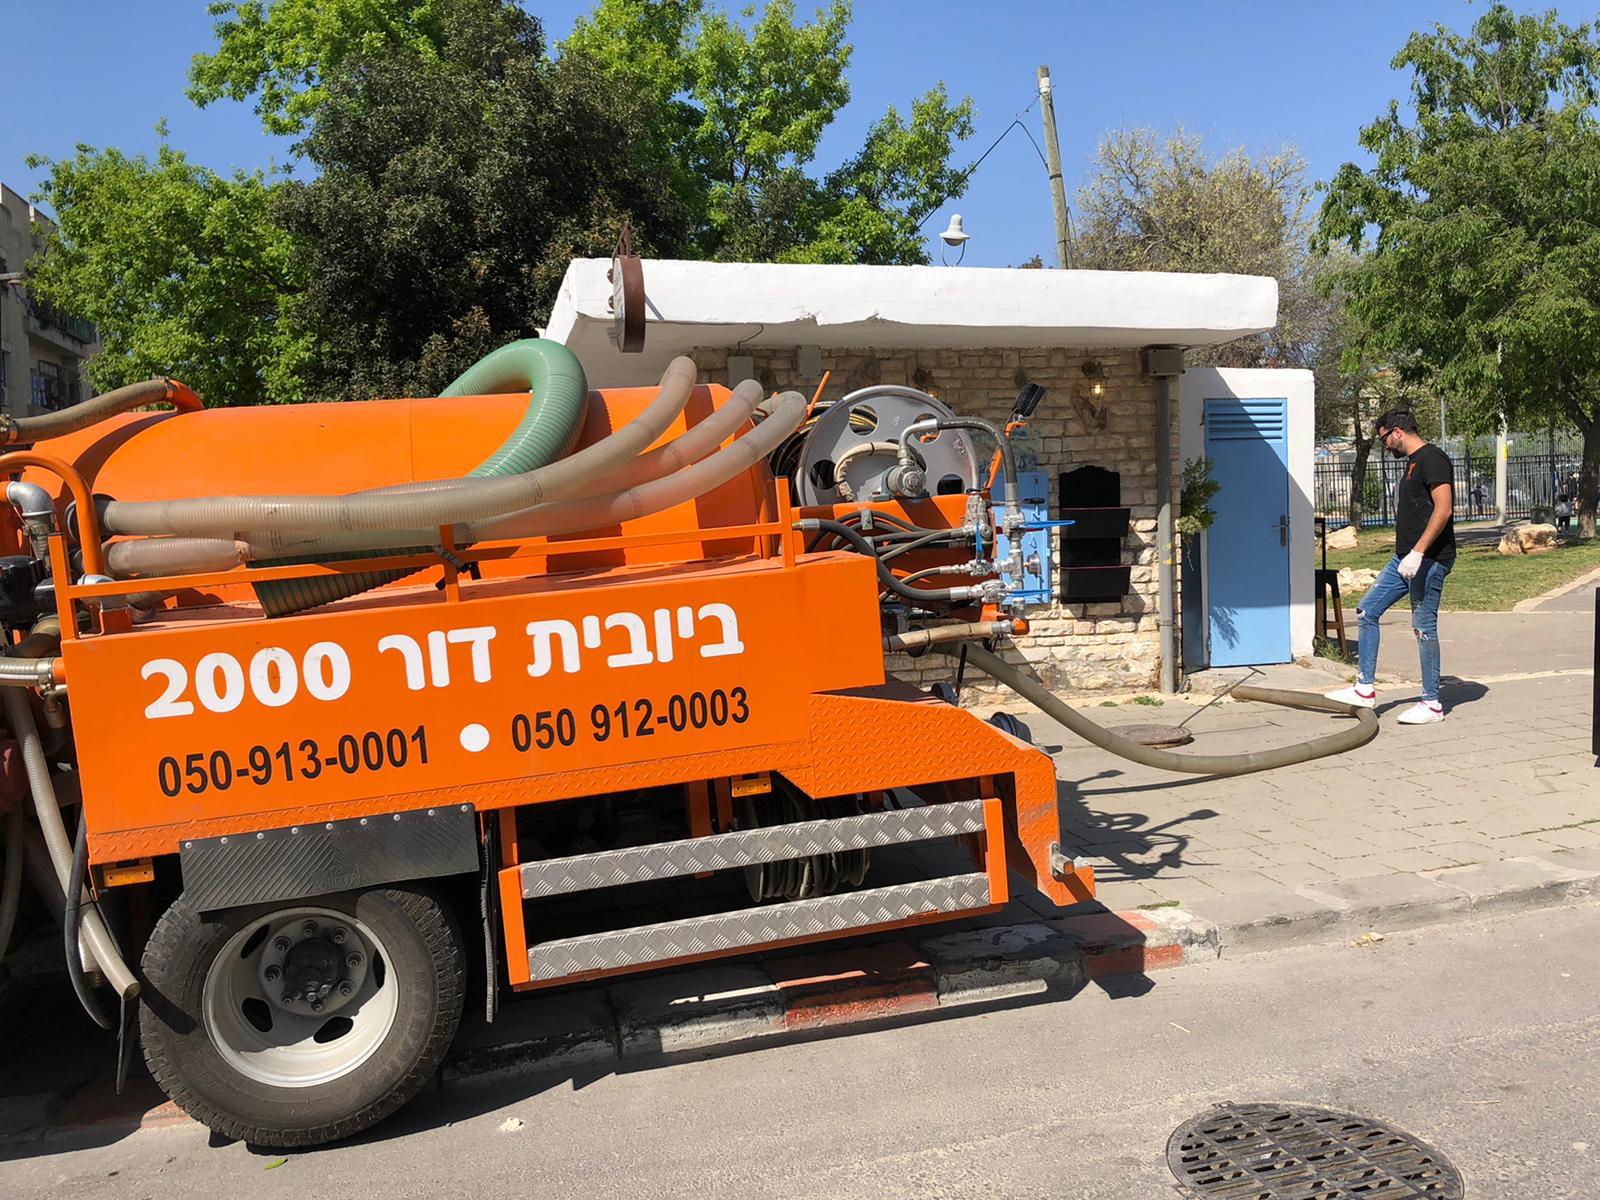 שאיבת מפריד שומנים לבית קפה בשכונת מלחה ירושלים.